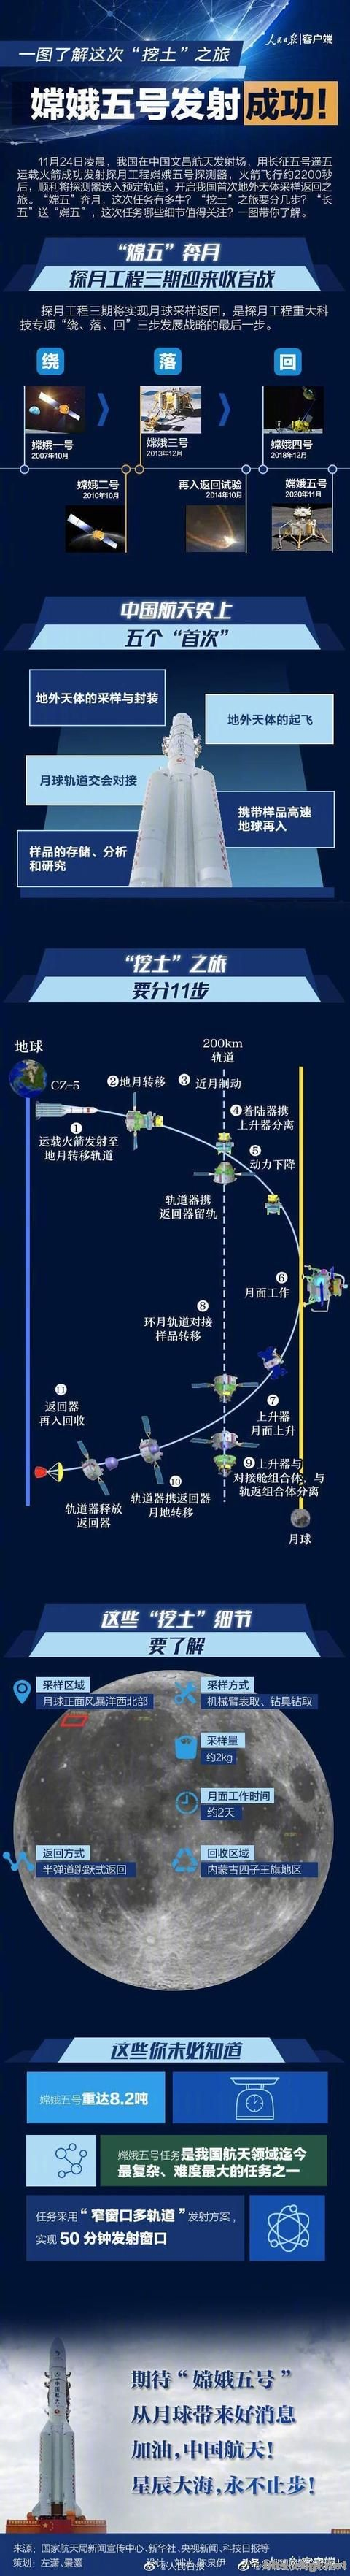 发射成功!#一图了解嫦娥五号挖土之旅#-1.jpg